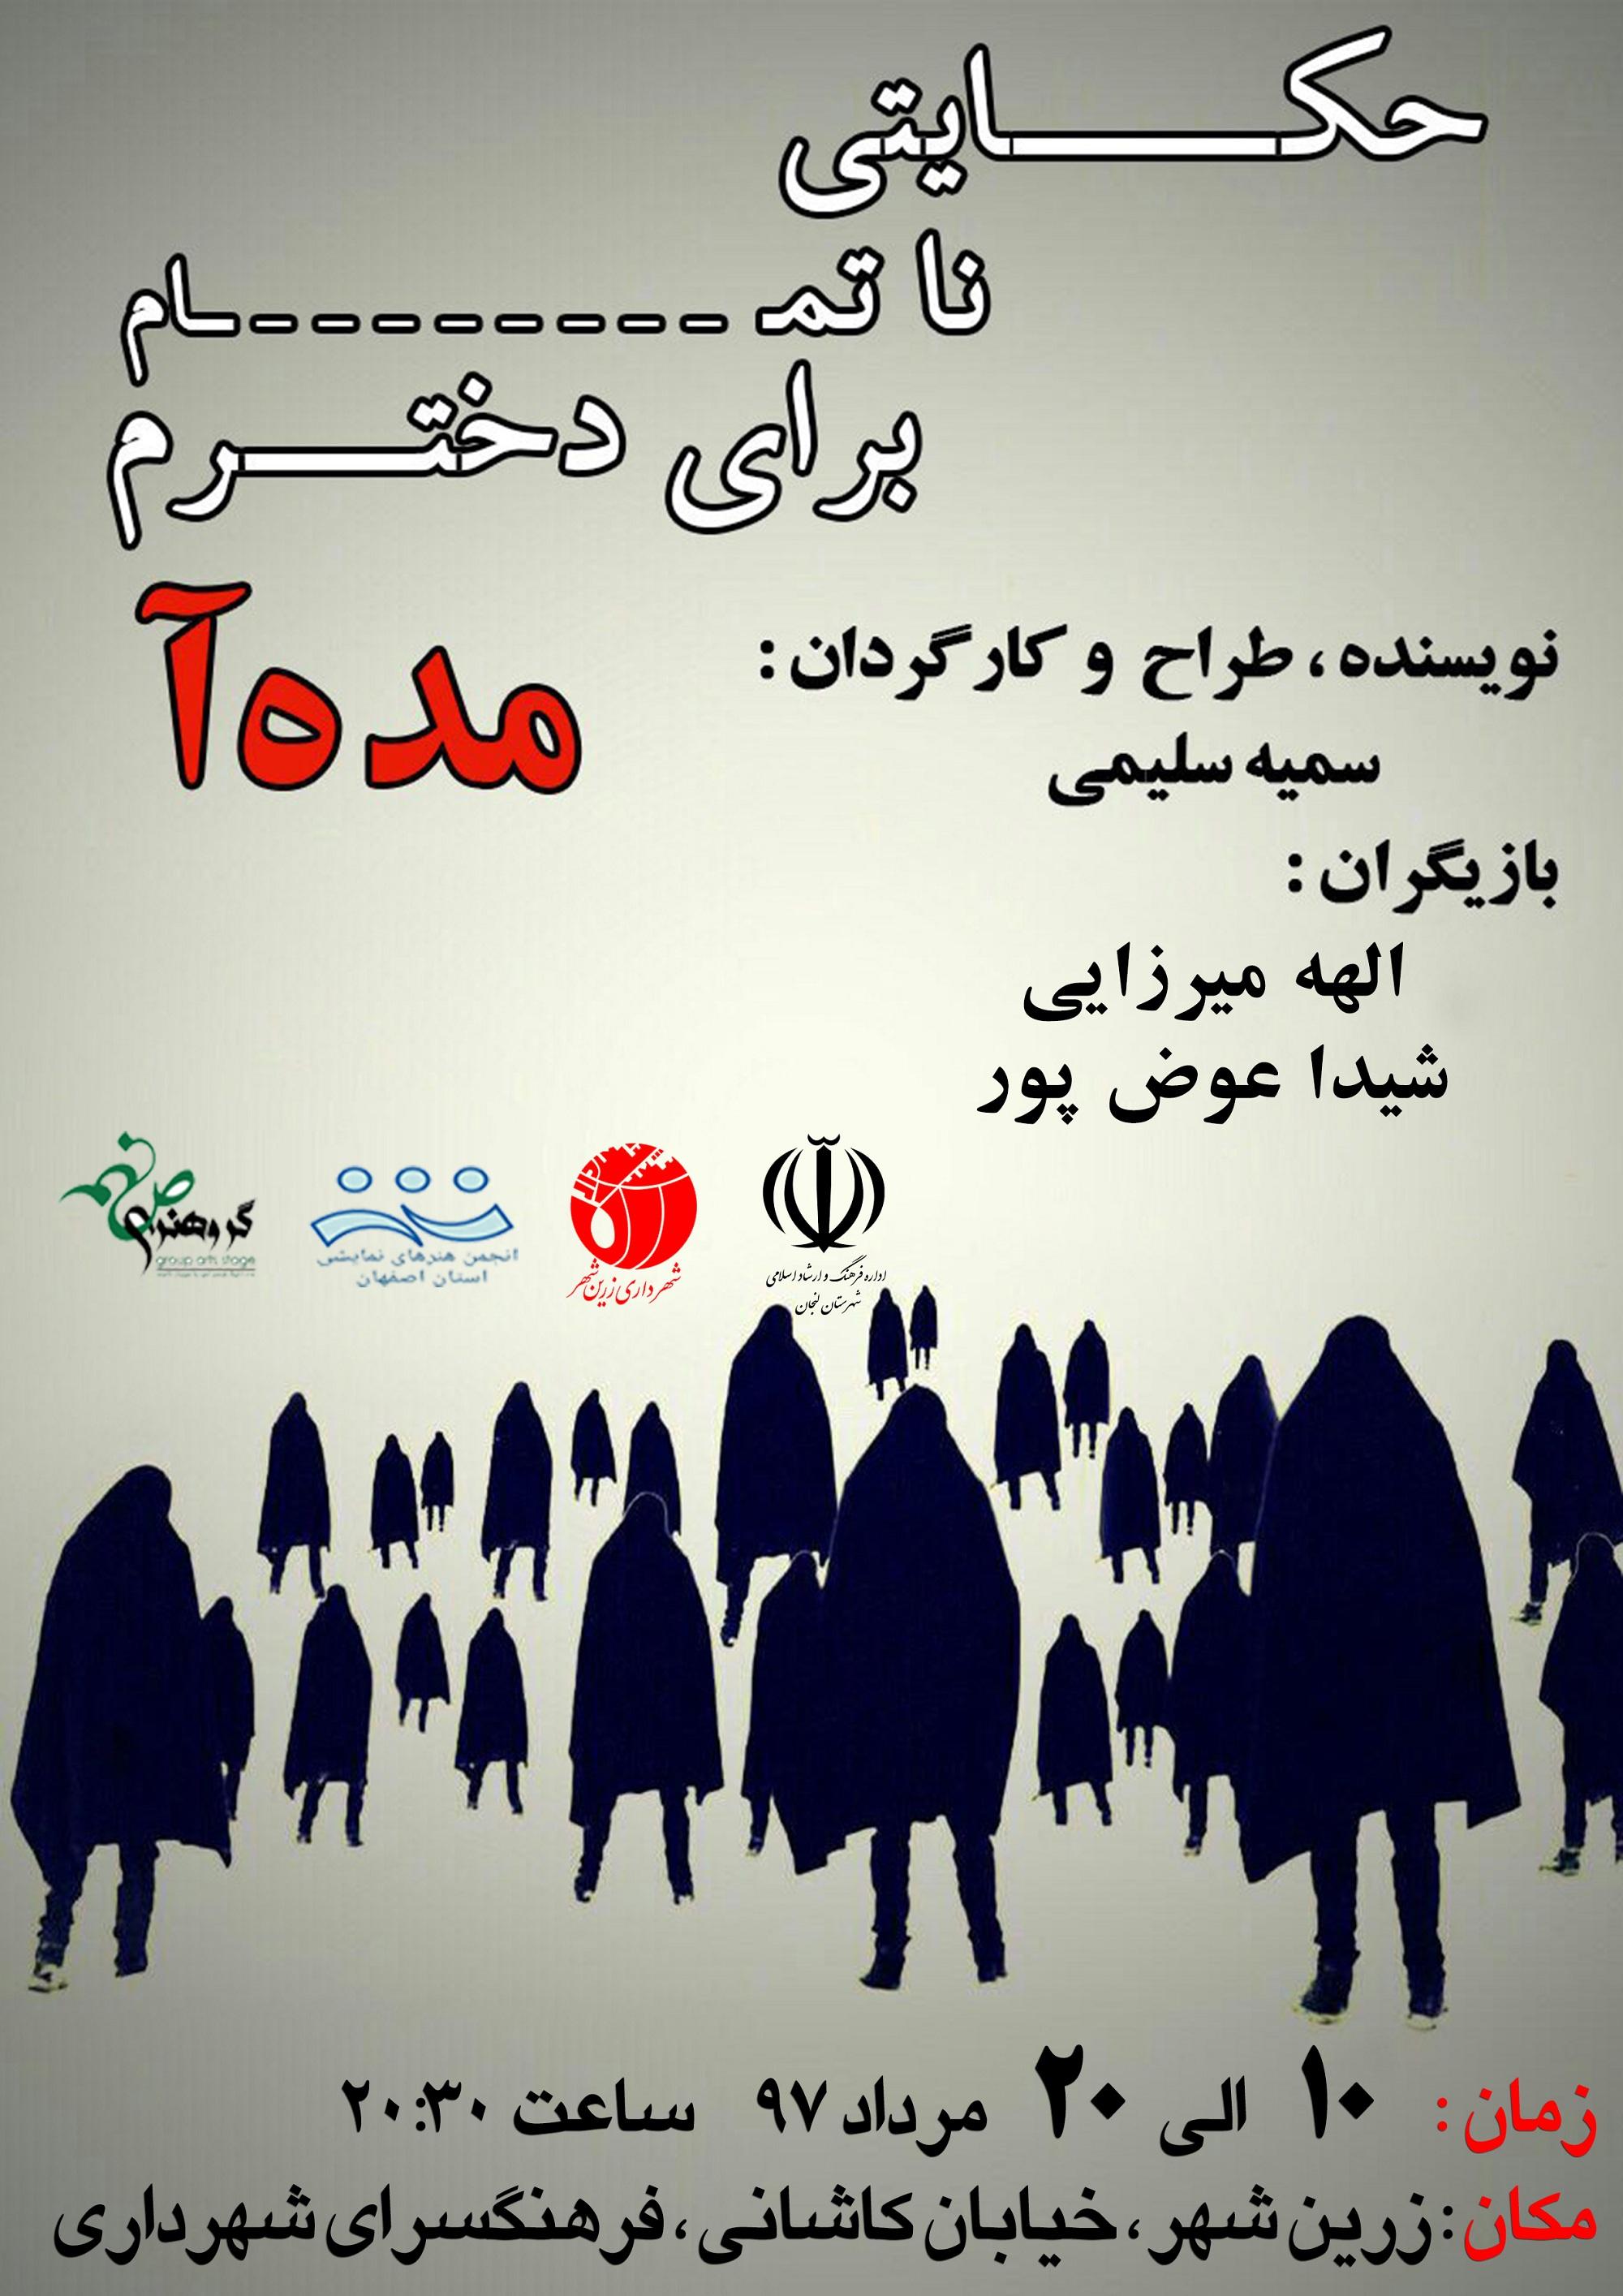 """"""" حکایتی ناتمام برای دختران مده آ """" در فرهنگسرای شهرداری زرین شهر"""